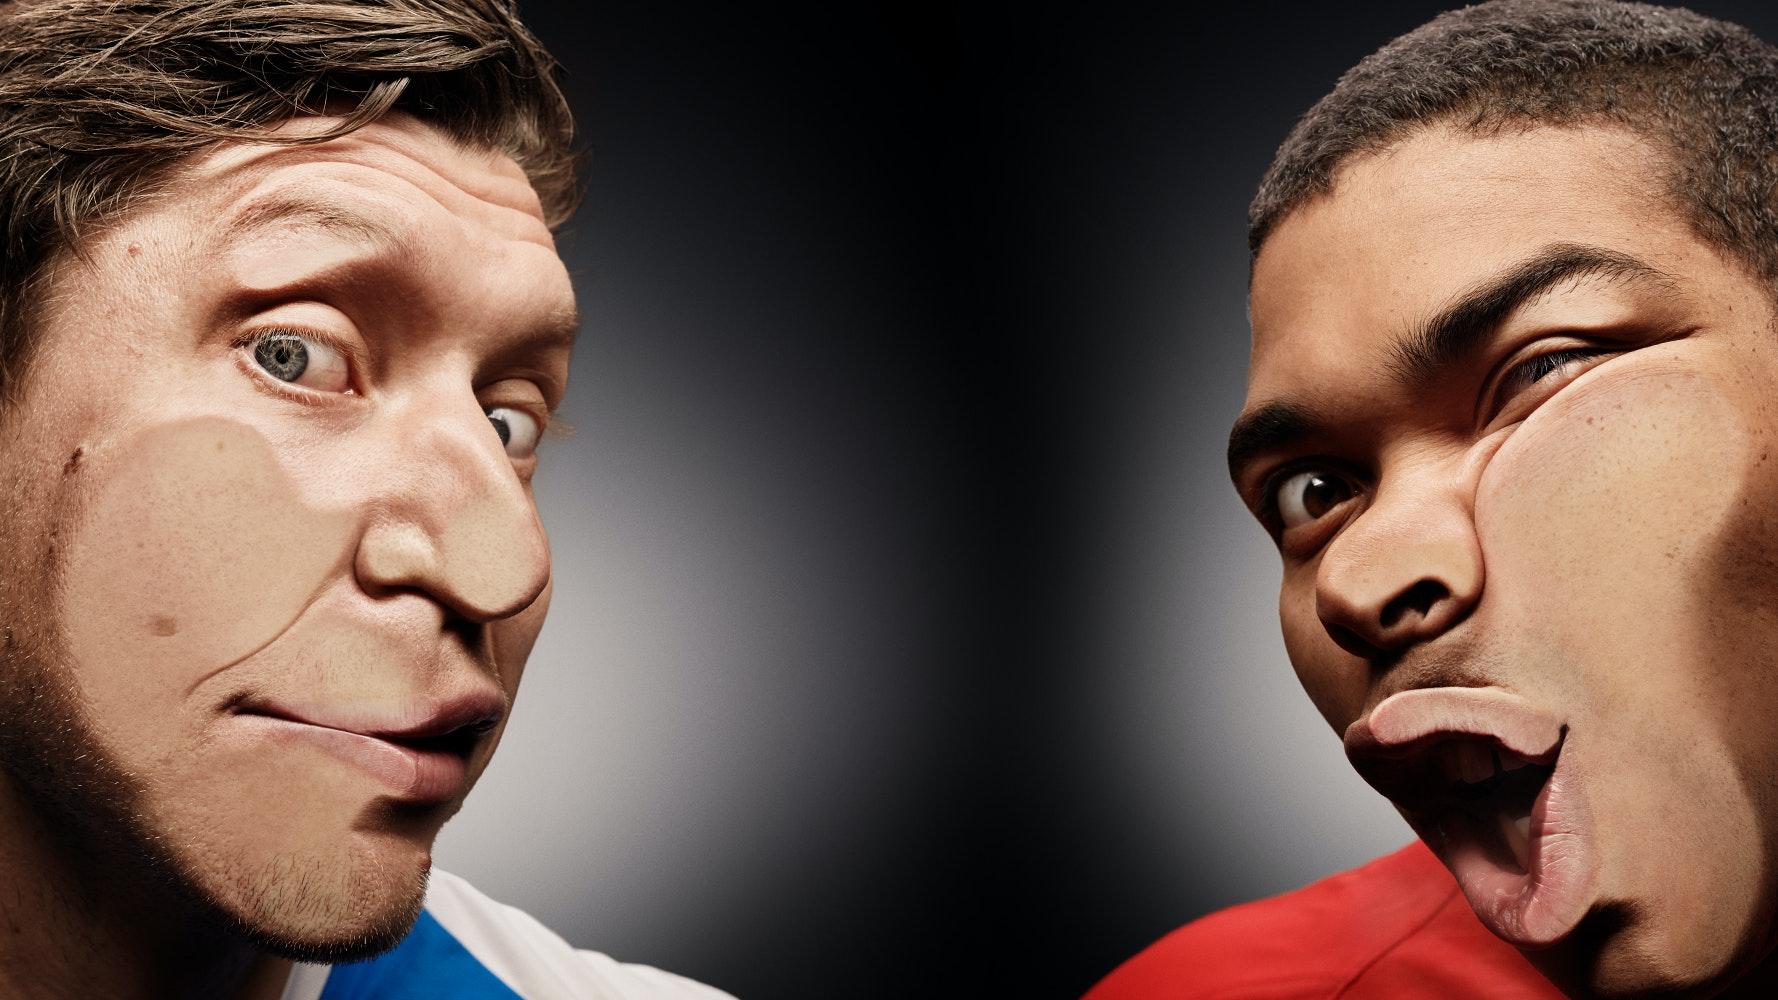 VM i håndbold 2019 - Følg Nicklas Landin, Mads Mensah og resten af det danske landshold helt tæt på med TV 2 PLAY